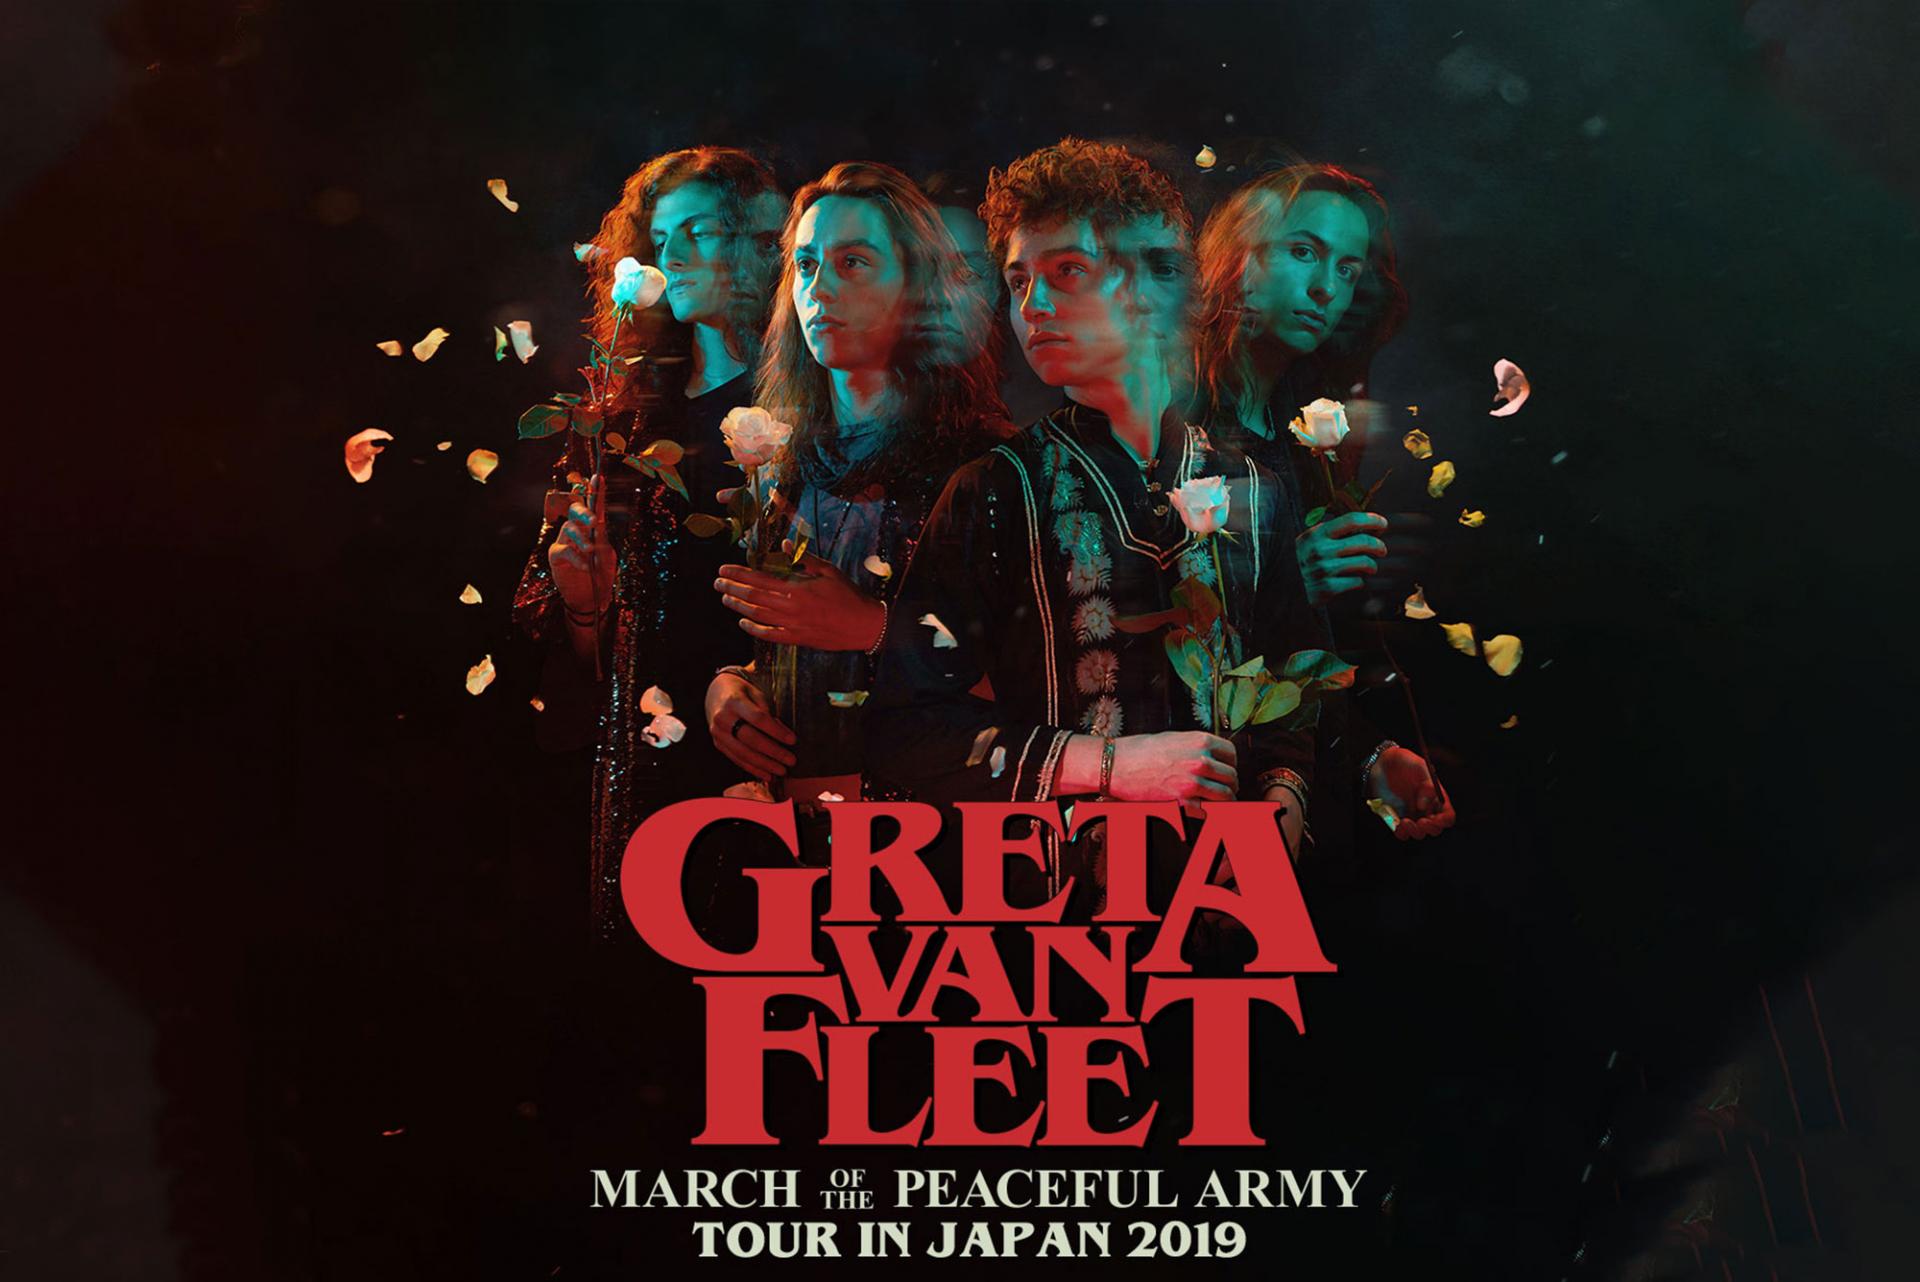 グレタ・ヴァン・フリート、バンド名の由来は地元に住む老婦人のフルネーム